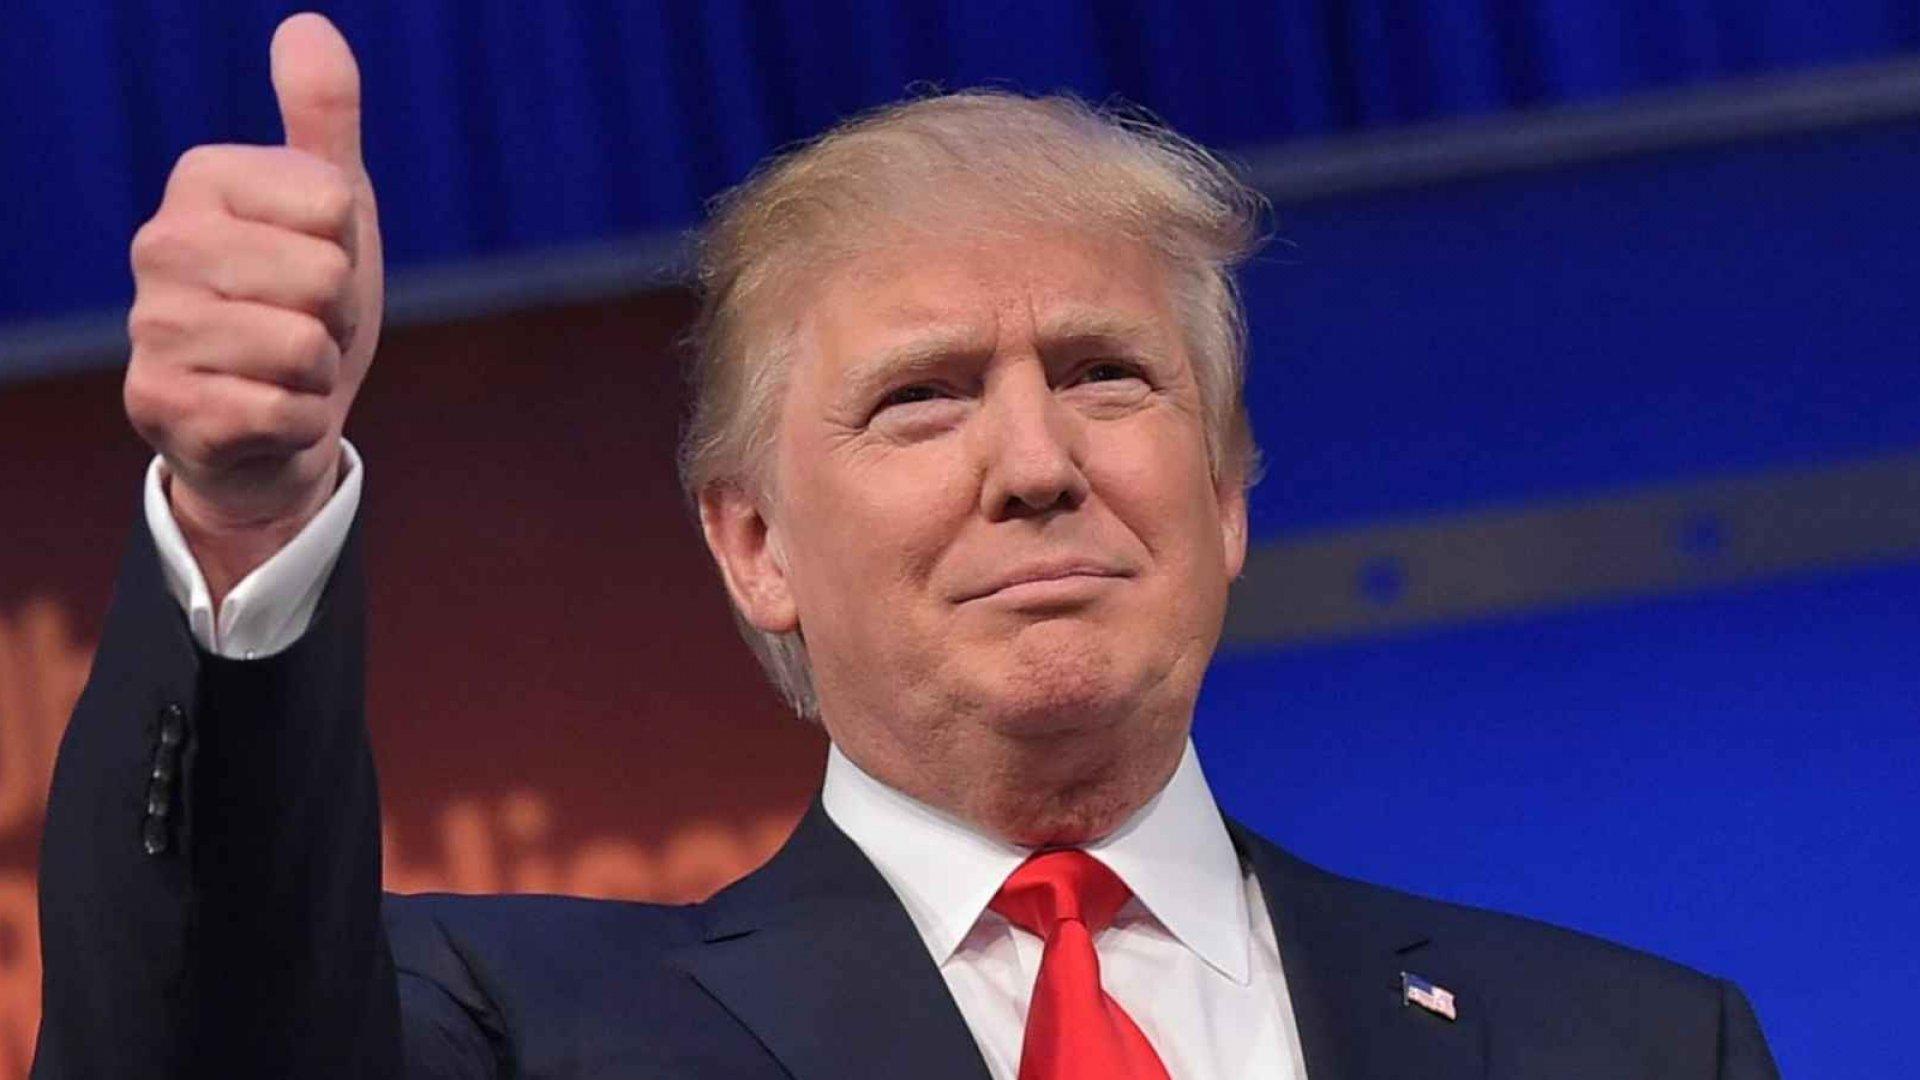 Mark Cuban on Trump's RNC Speech: He Will End Tech Progress